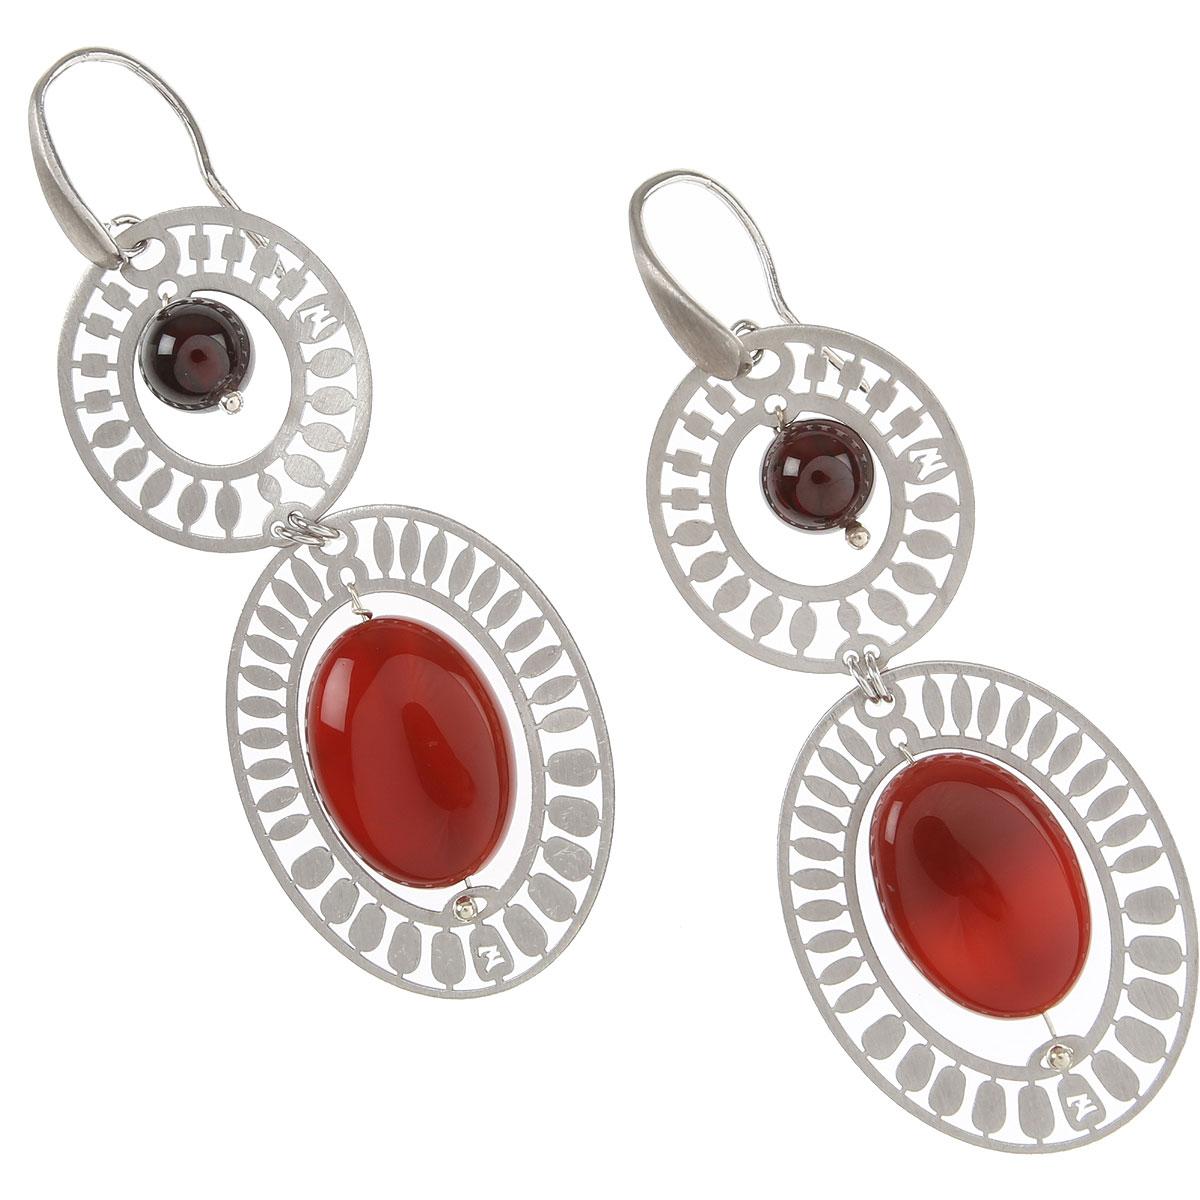 Ziio Jewellery Earrings for Women On Sale, Red, Agata, 2019